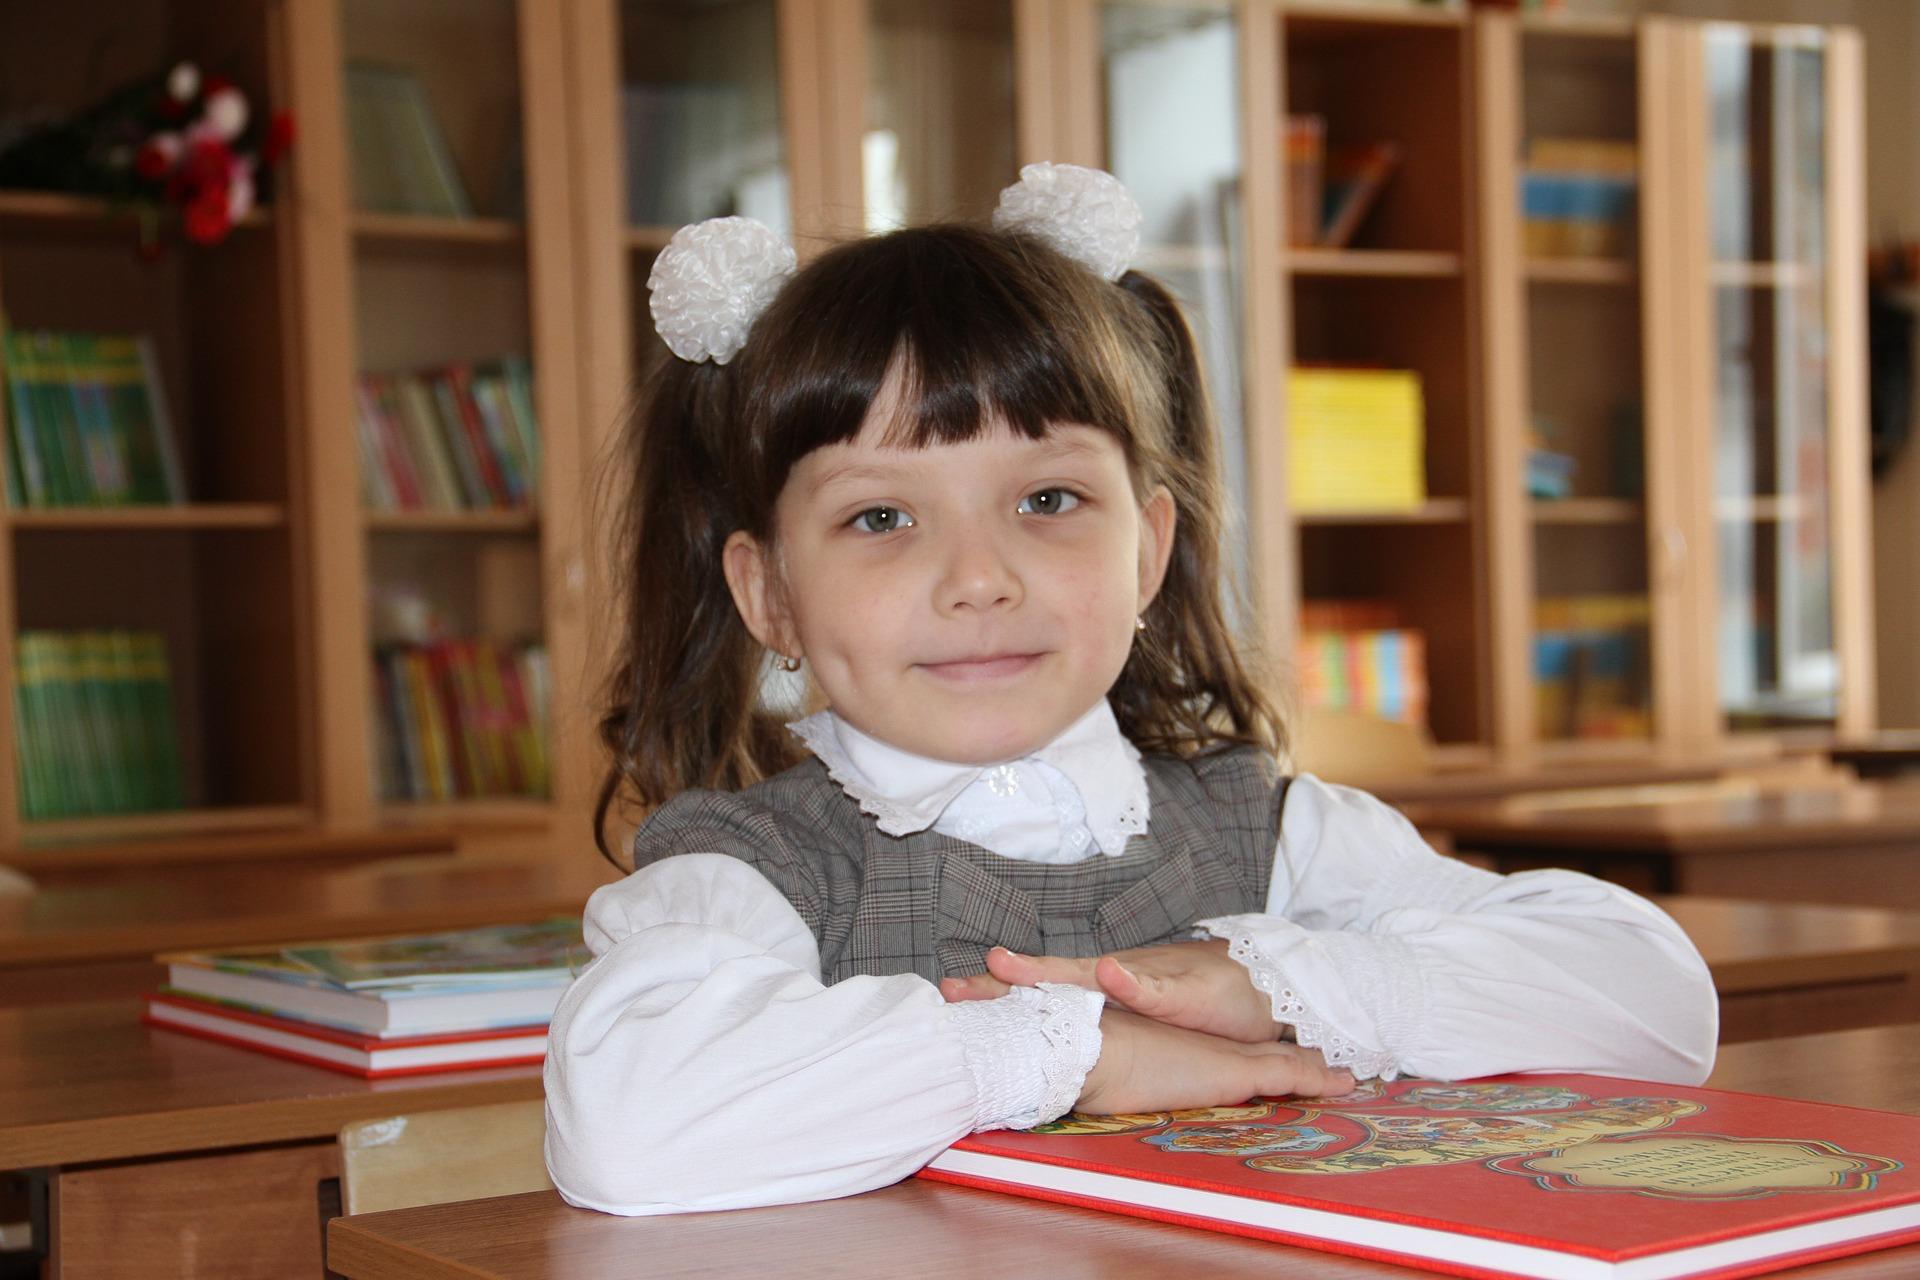 anul scolar 2018-2019 sfatulparintilor.ro - pixabay_com - schoolgirl-990795_1920